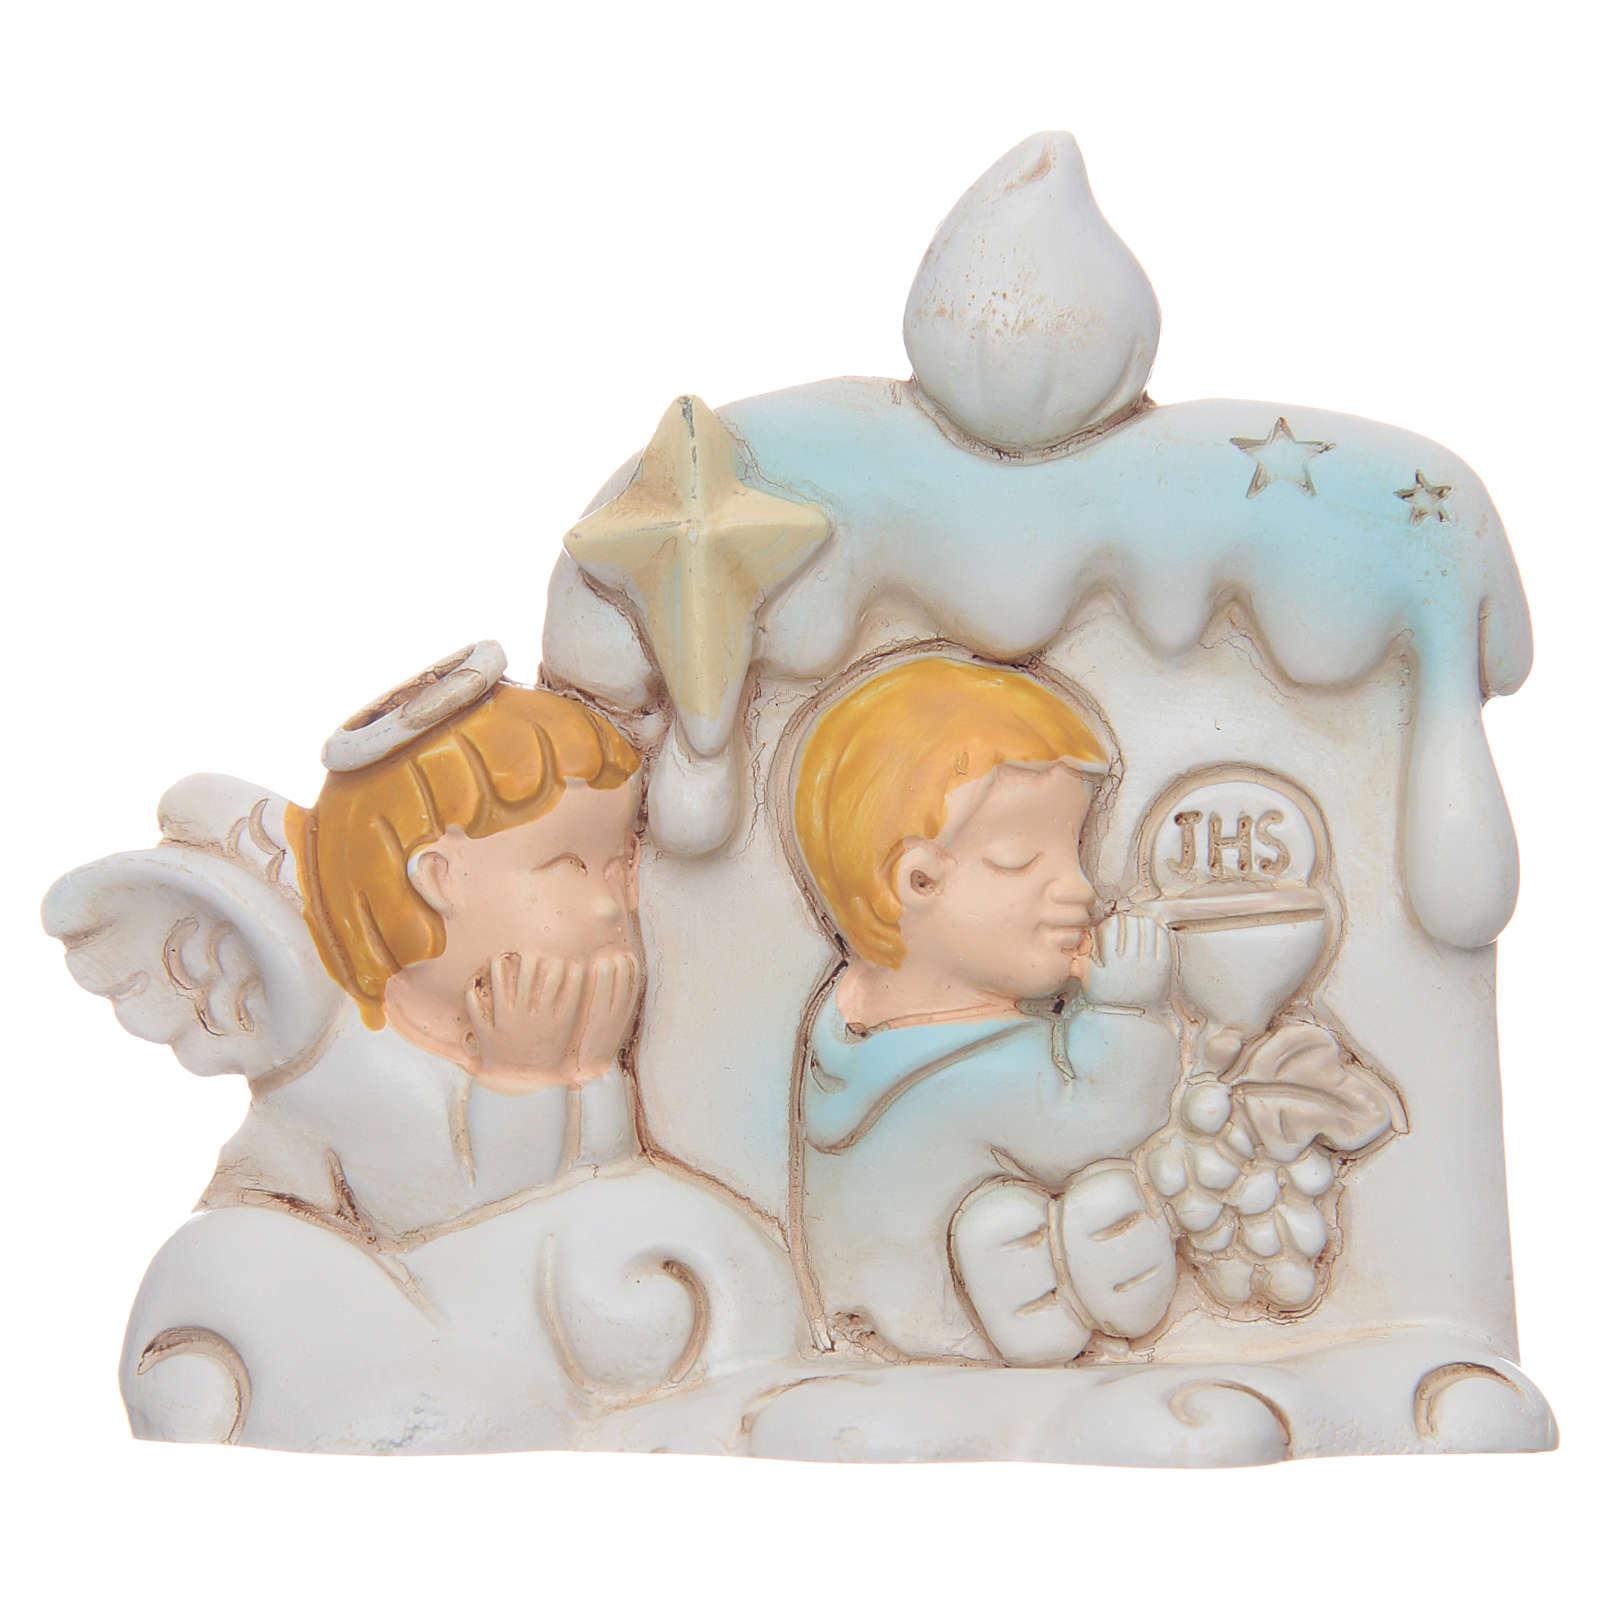 Bonbonnière Première Communion bougie ange garçon 3